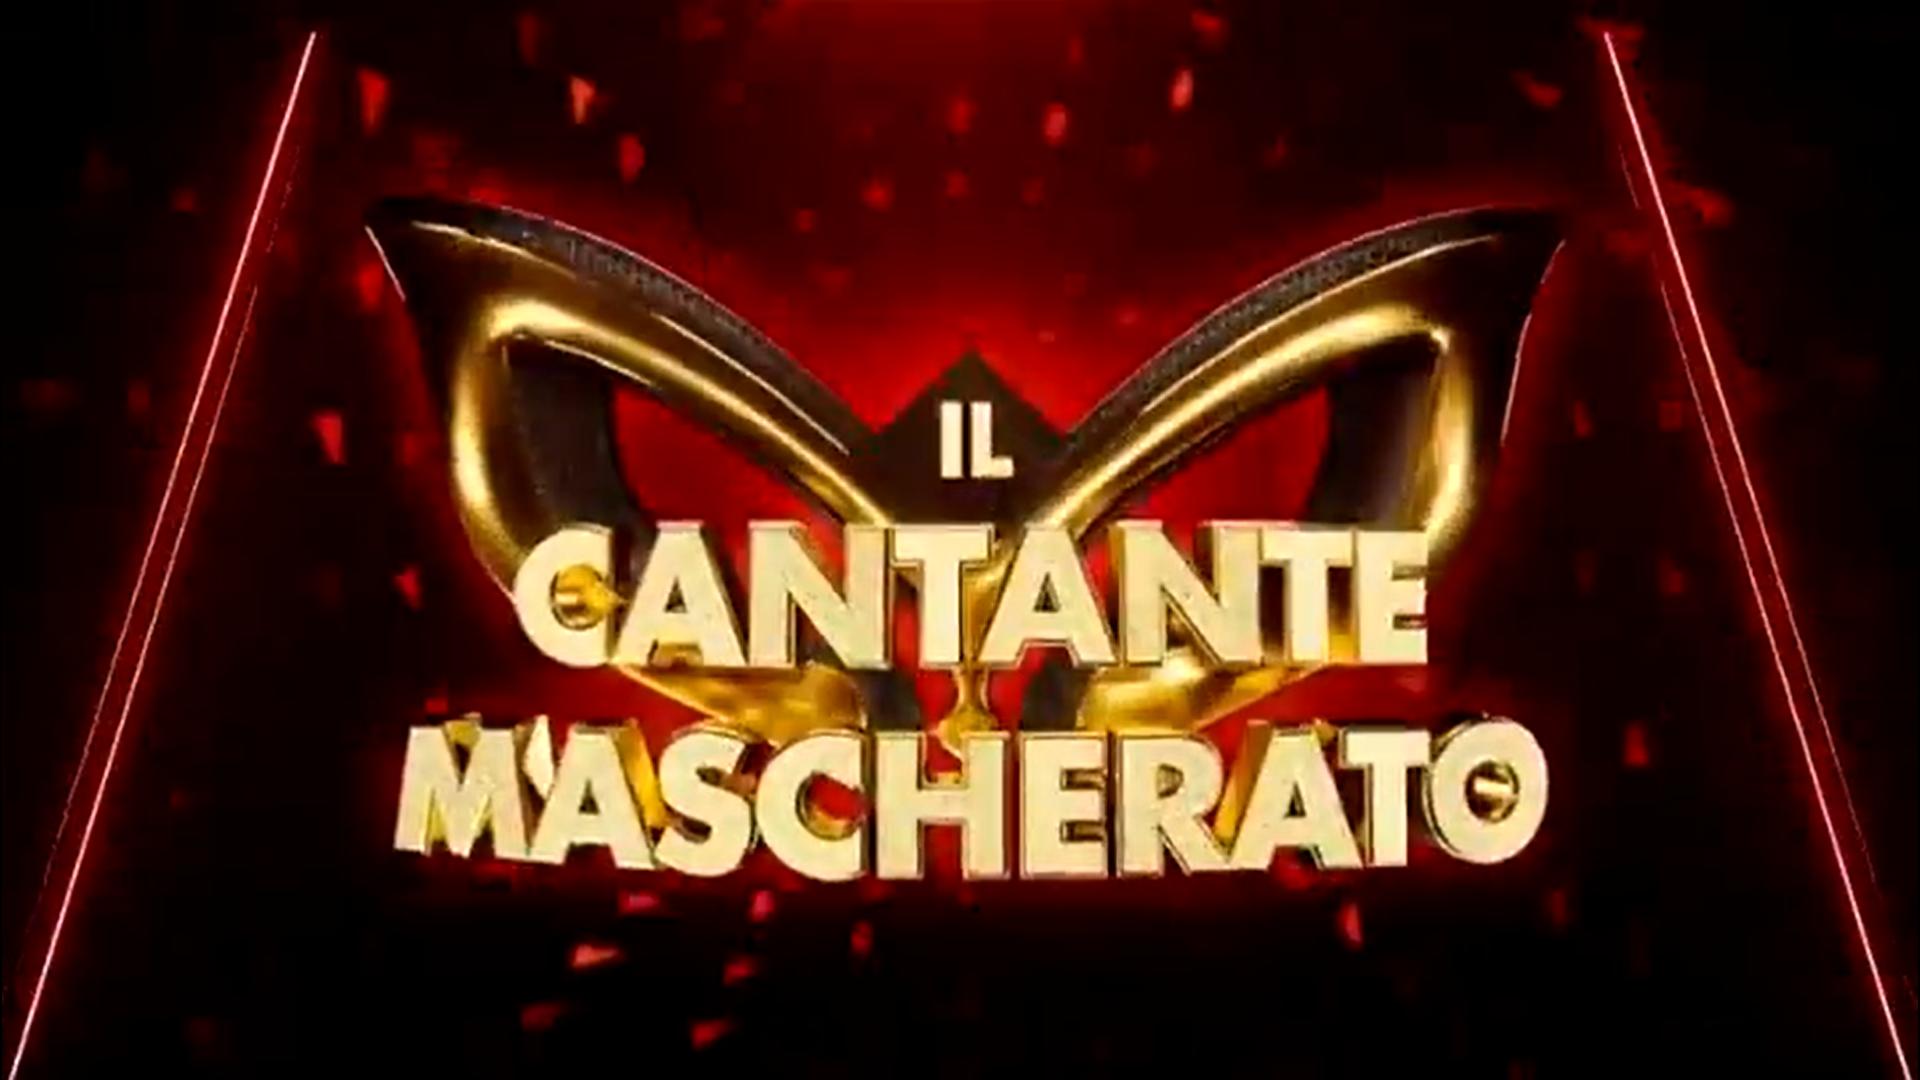 Il Cantante Mascherato 2021 spoiler: in arrivo una squadra investigativa, ecco di che si tratta